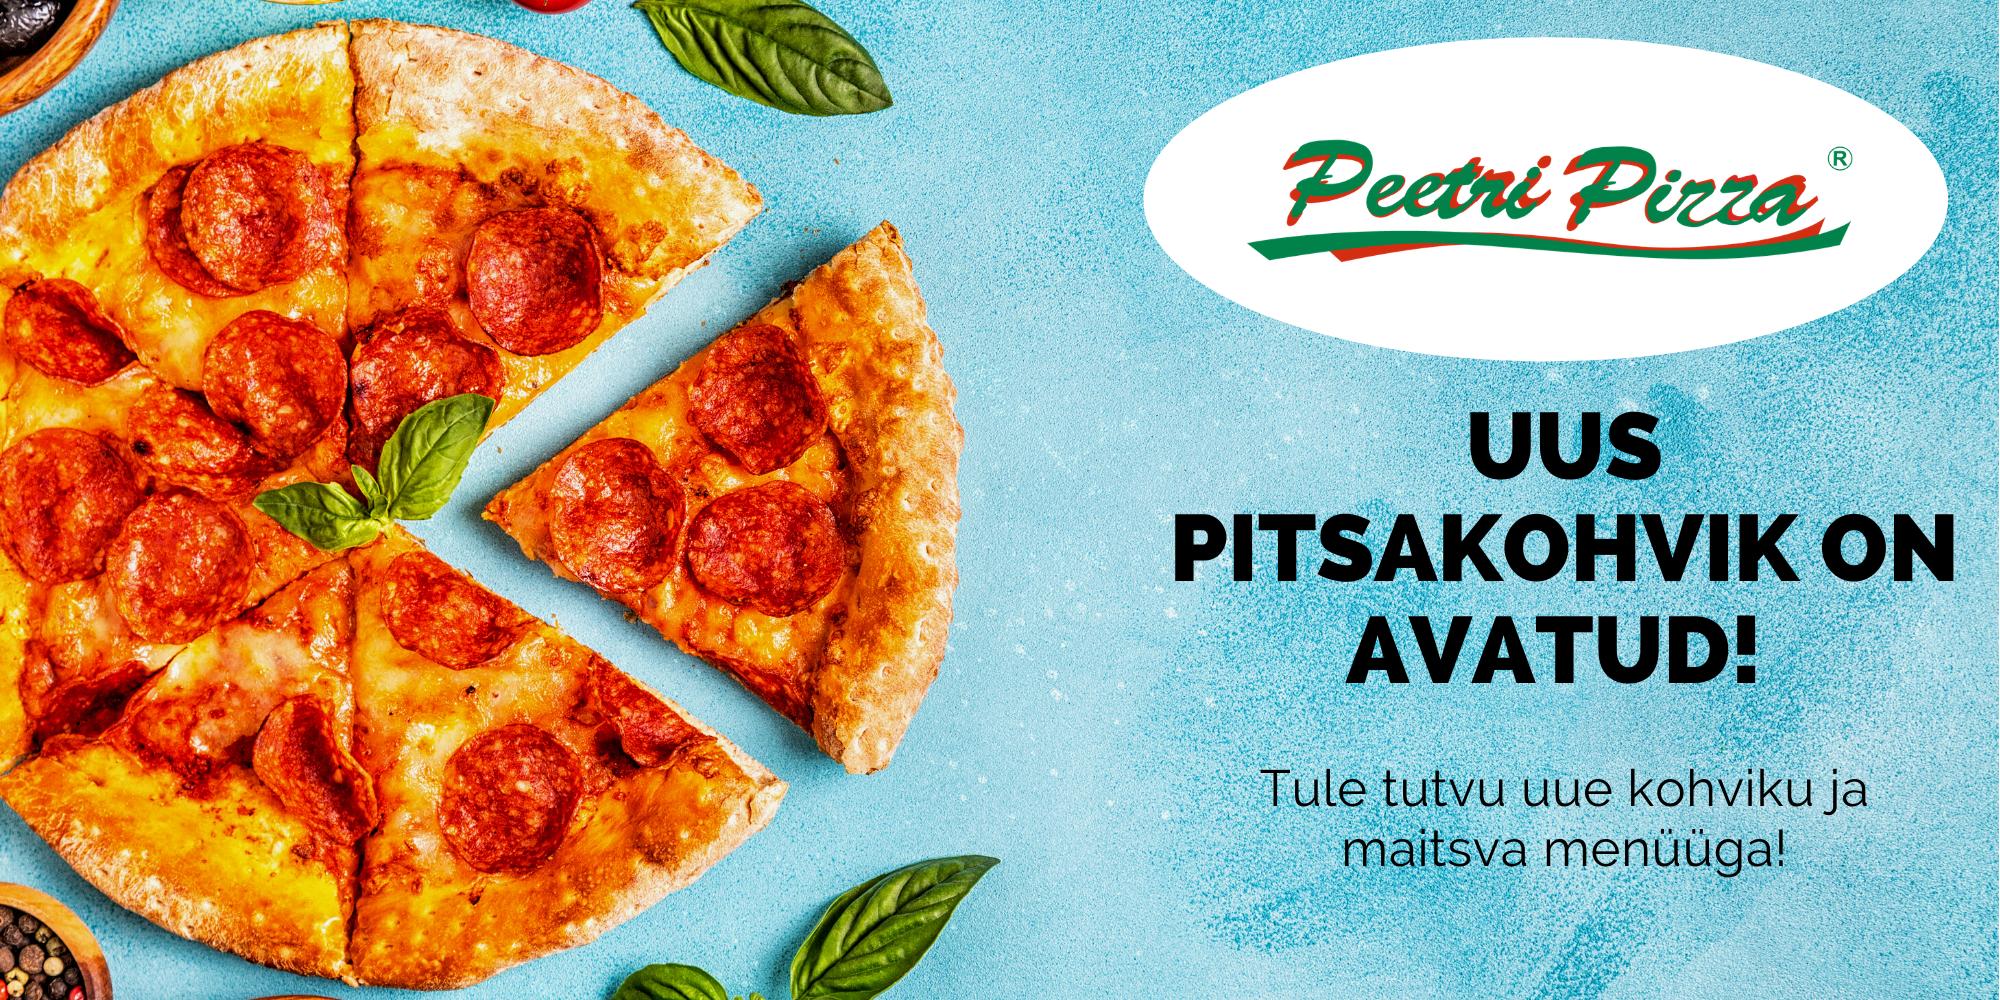 Uus Peetri Pizza on avatud!